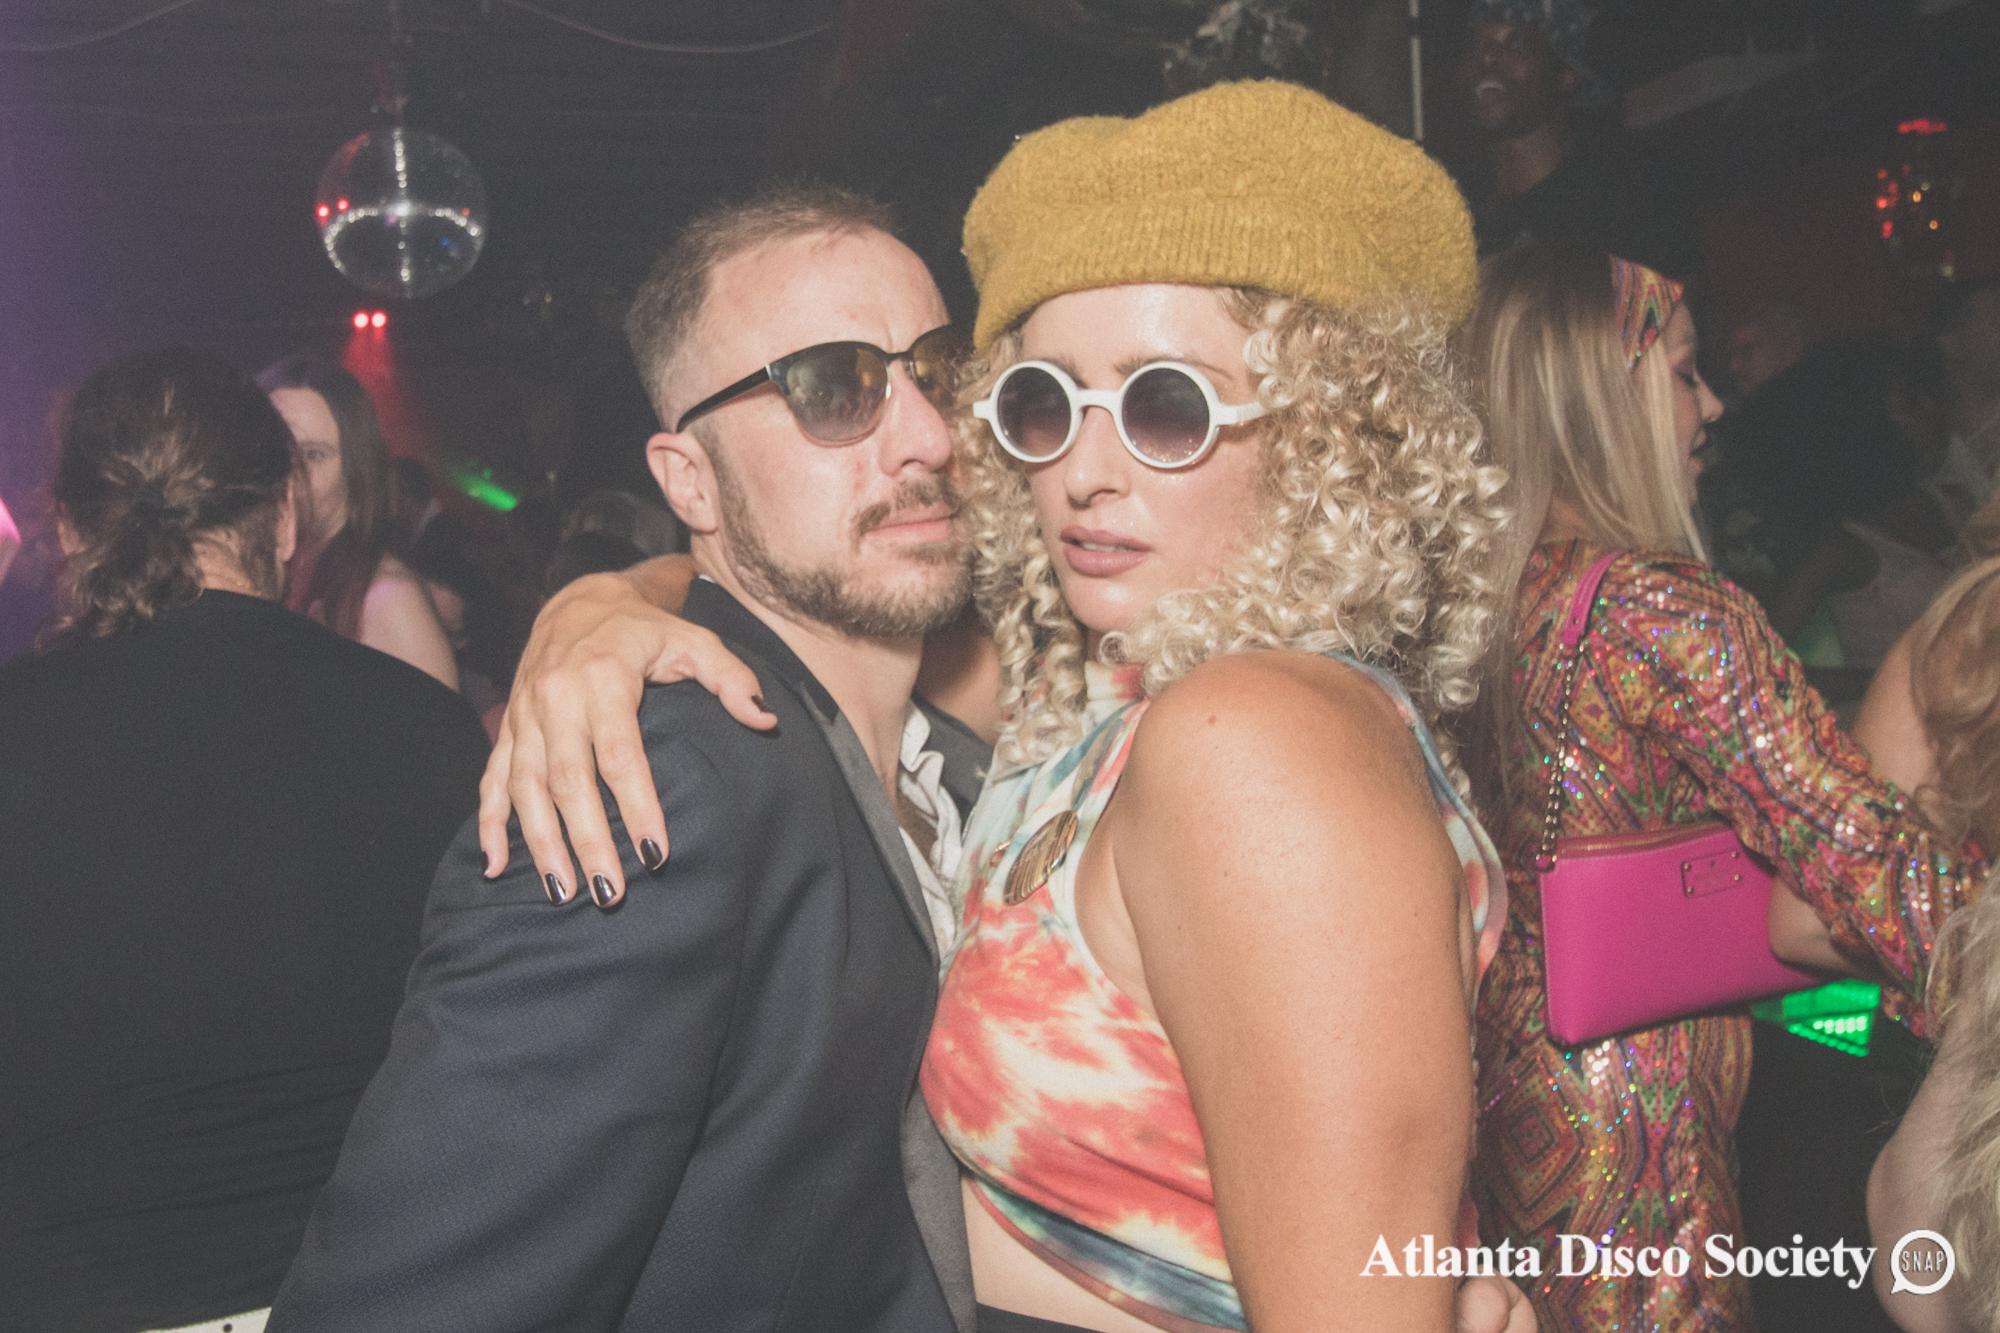 28Atlanta Disco Society Grace Kelly Oh Snap Kid 7.27.19.jpg